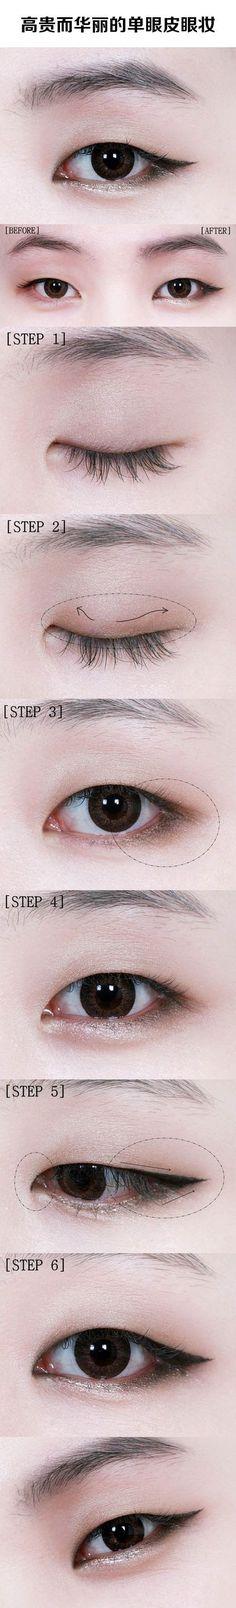 Korean make up